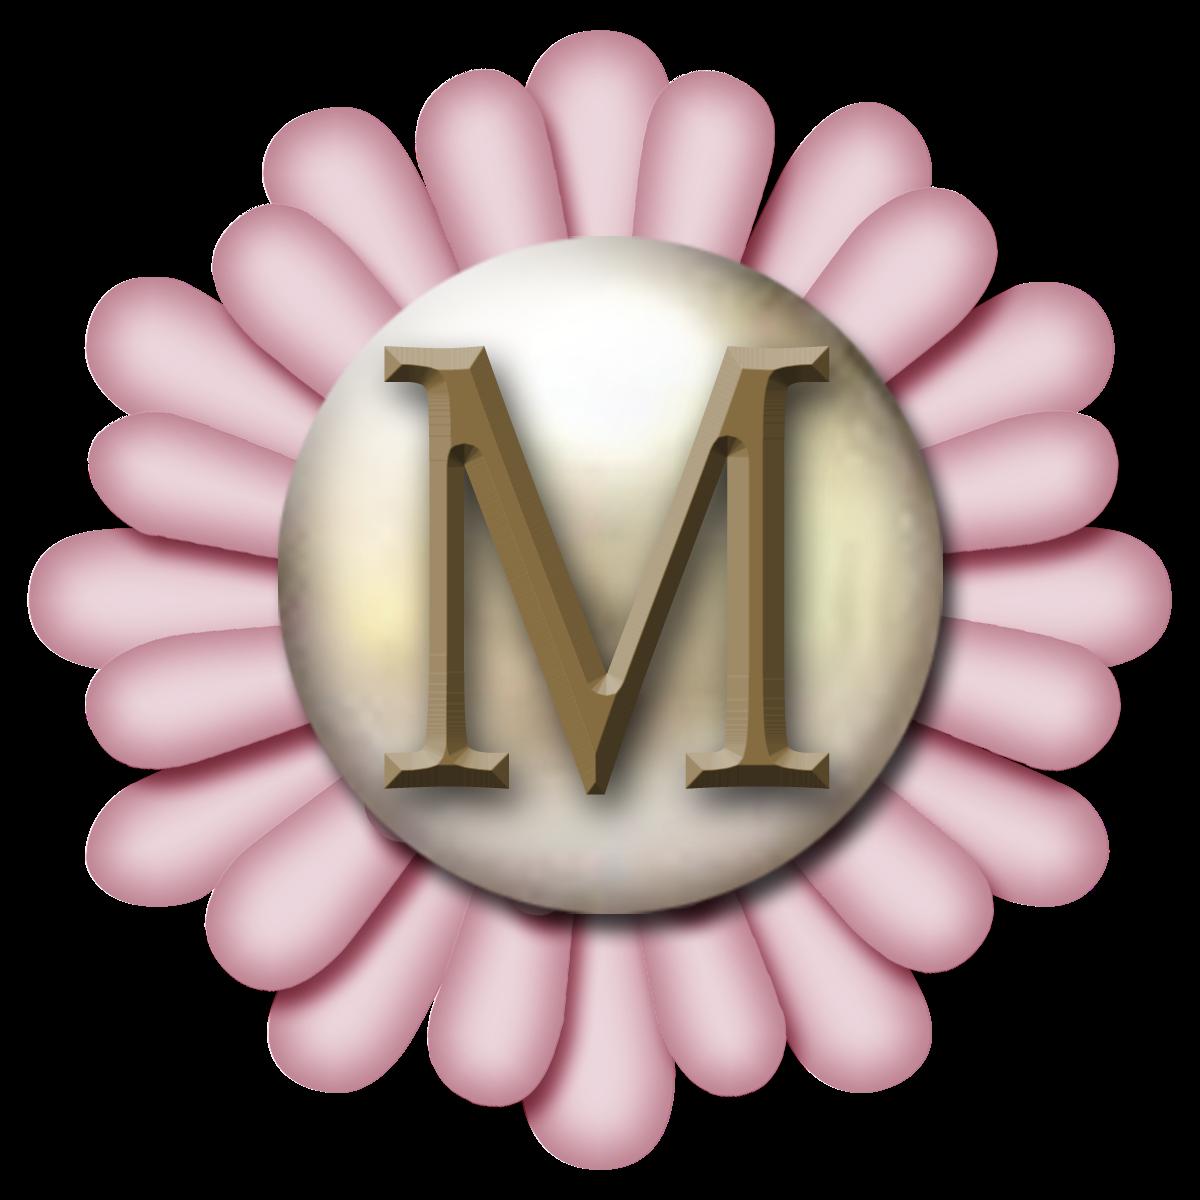 Free Wallpaper Of Letter M Wallpaper202